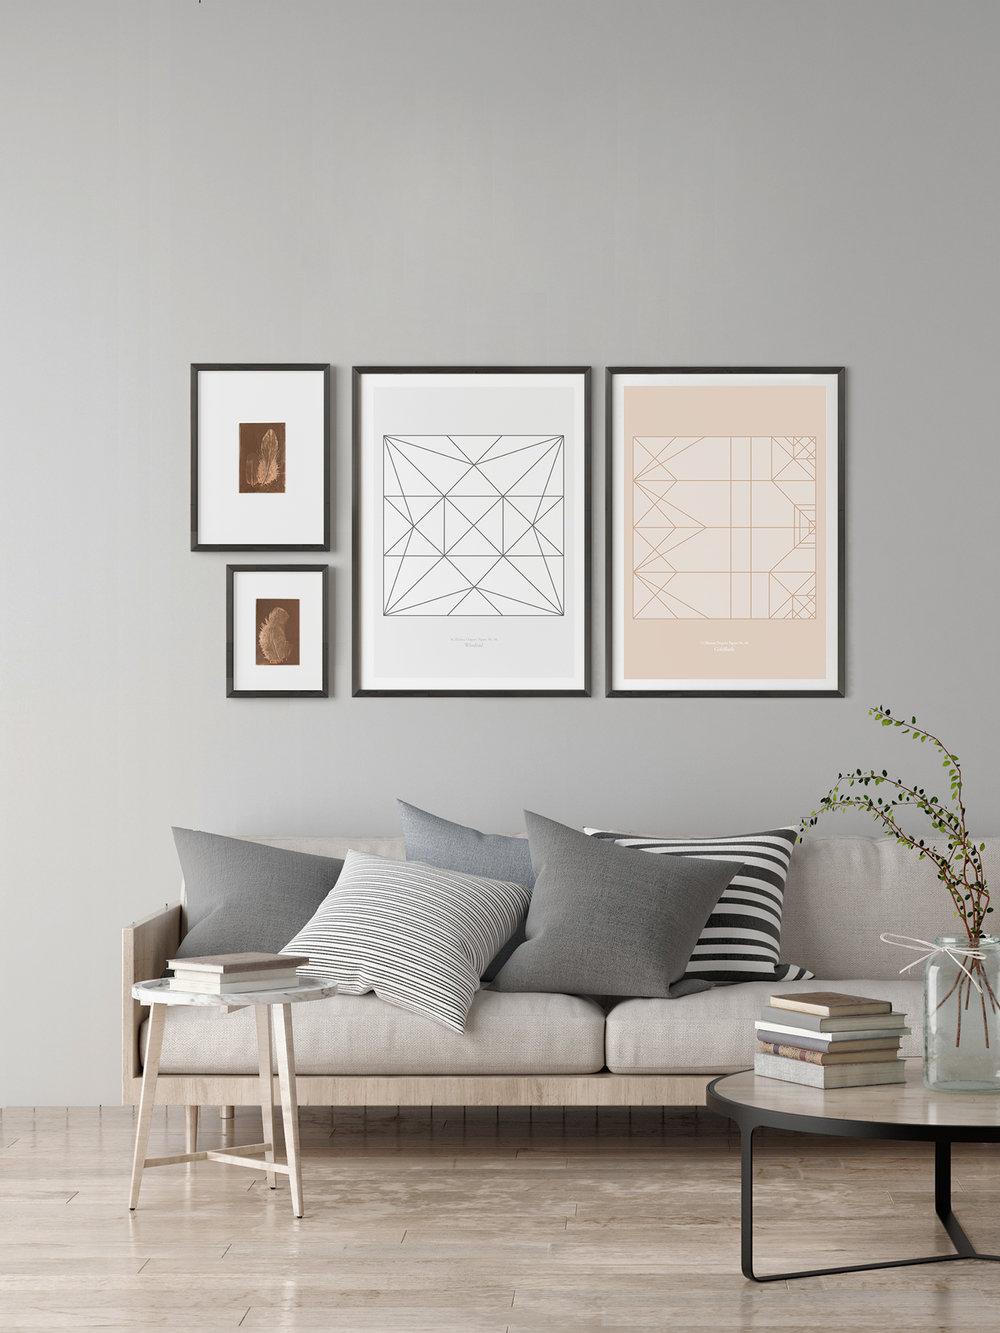 Origami Print Windrad, Goldfisch und Federbild 30x40 und 21x30cm  Origami Print Pinwheel, Goldfish and Feather picture 30x40 und 21x30cm